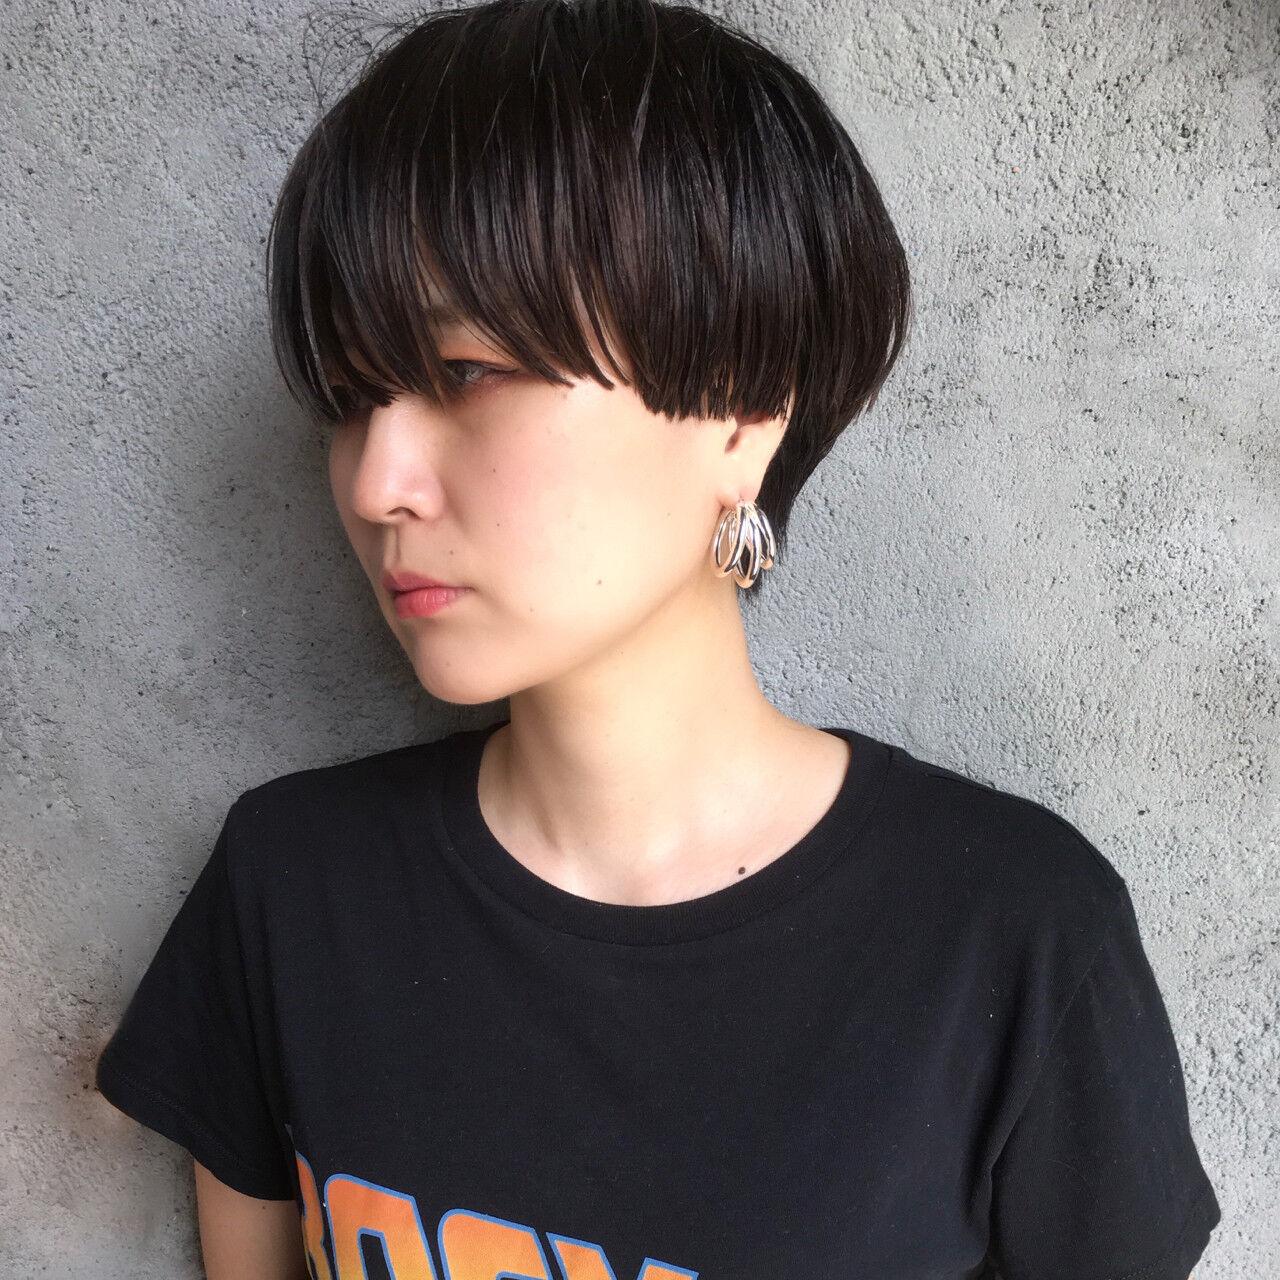 黒髪 ナチュラル スポーツ ショートヘアスタイルや髪型の写真・画像